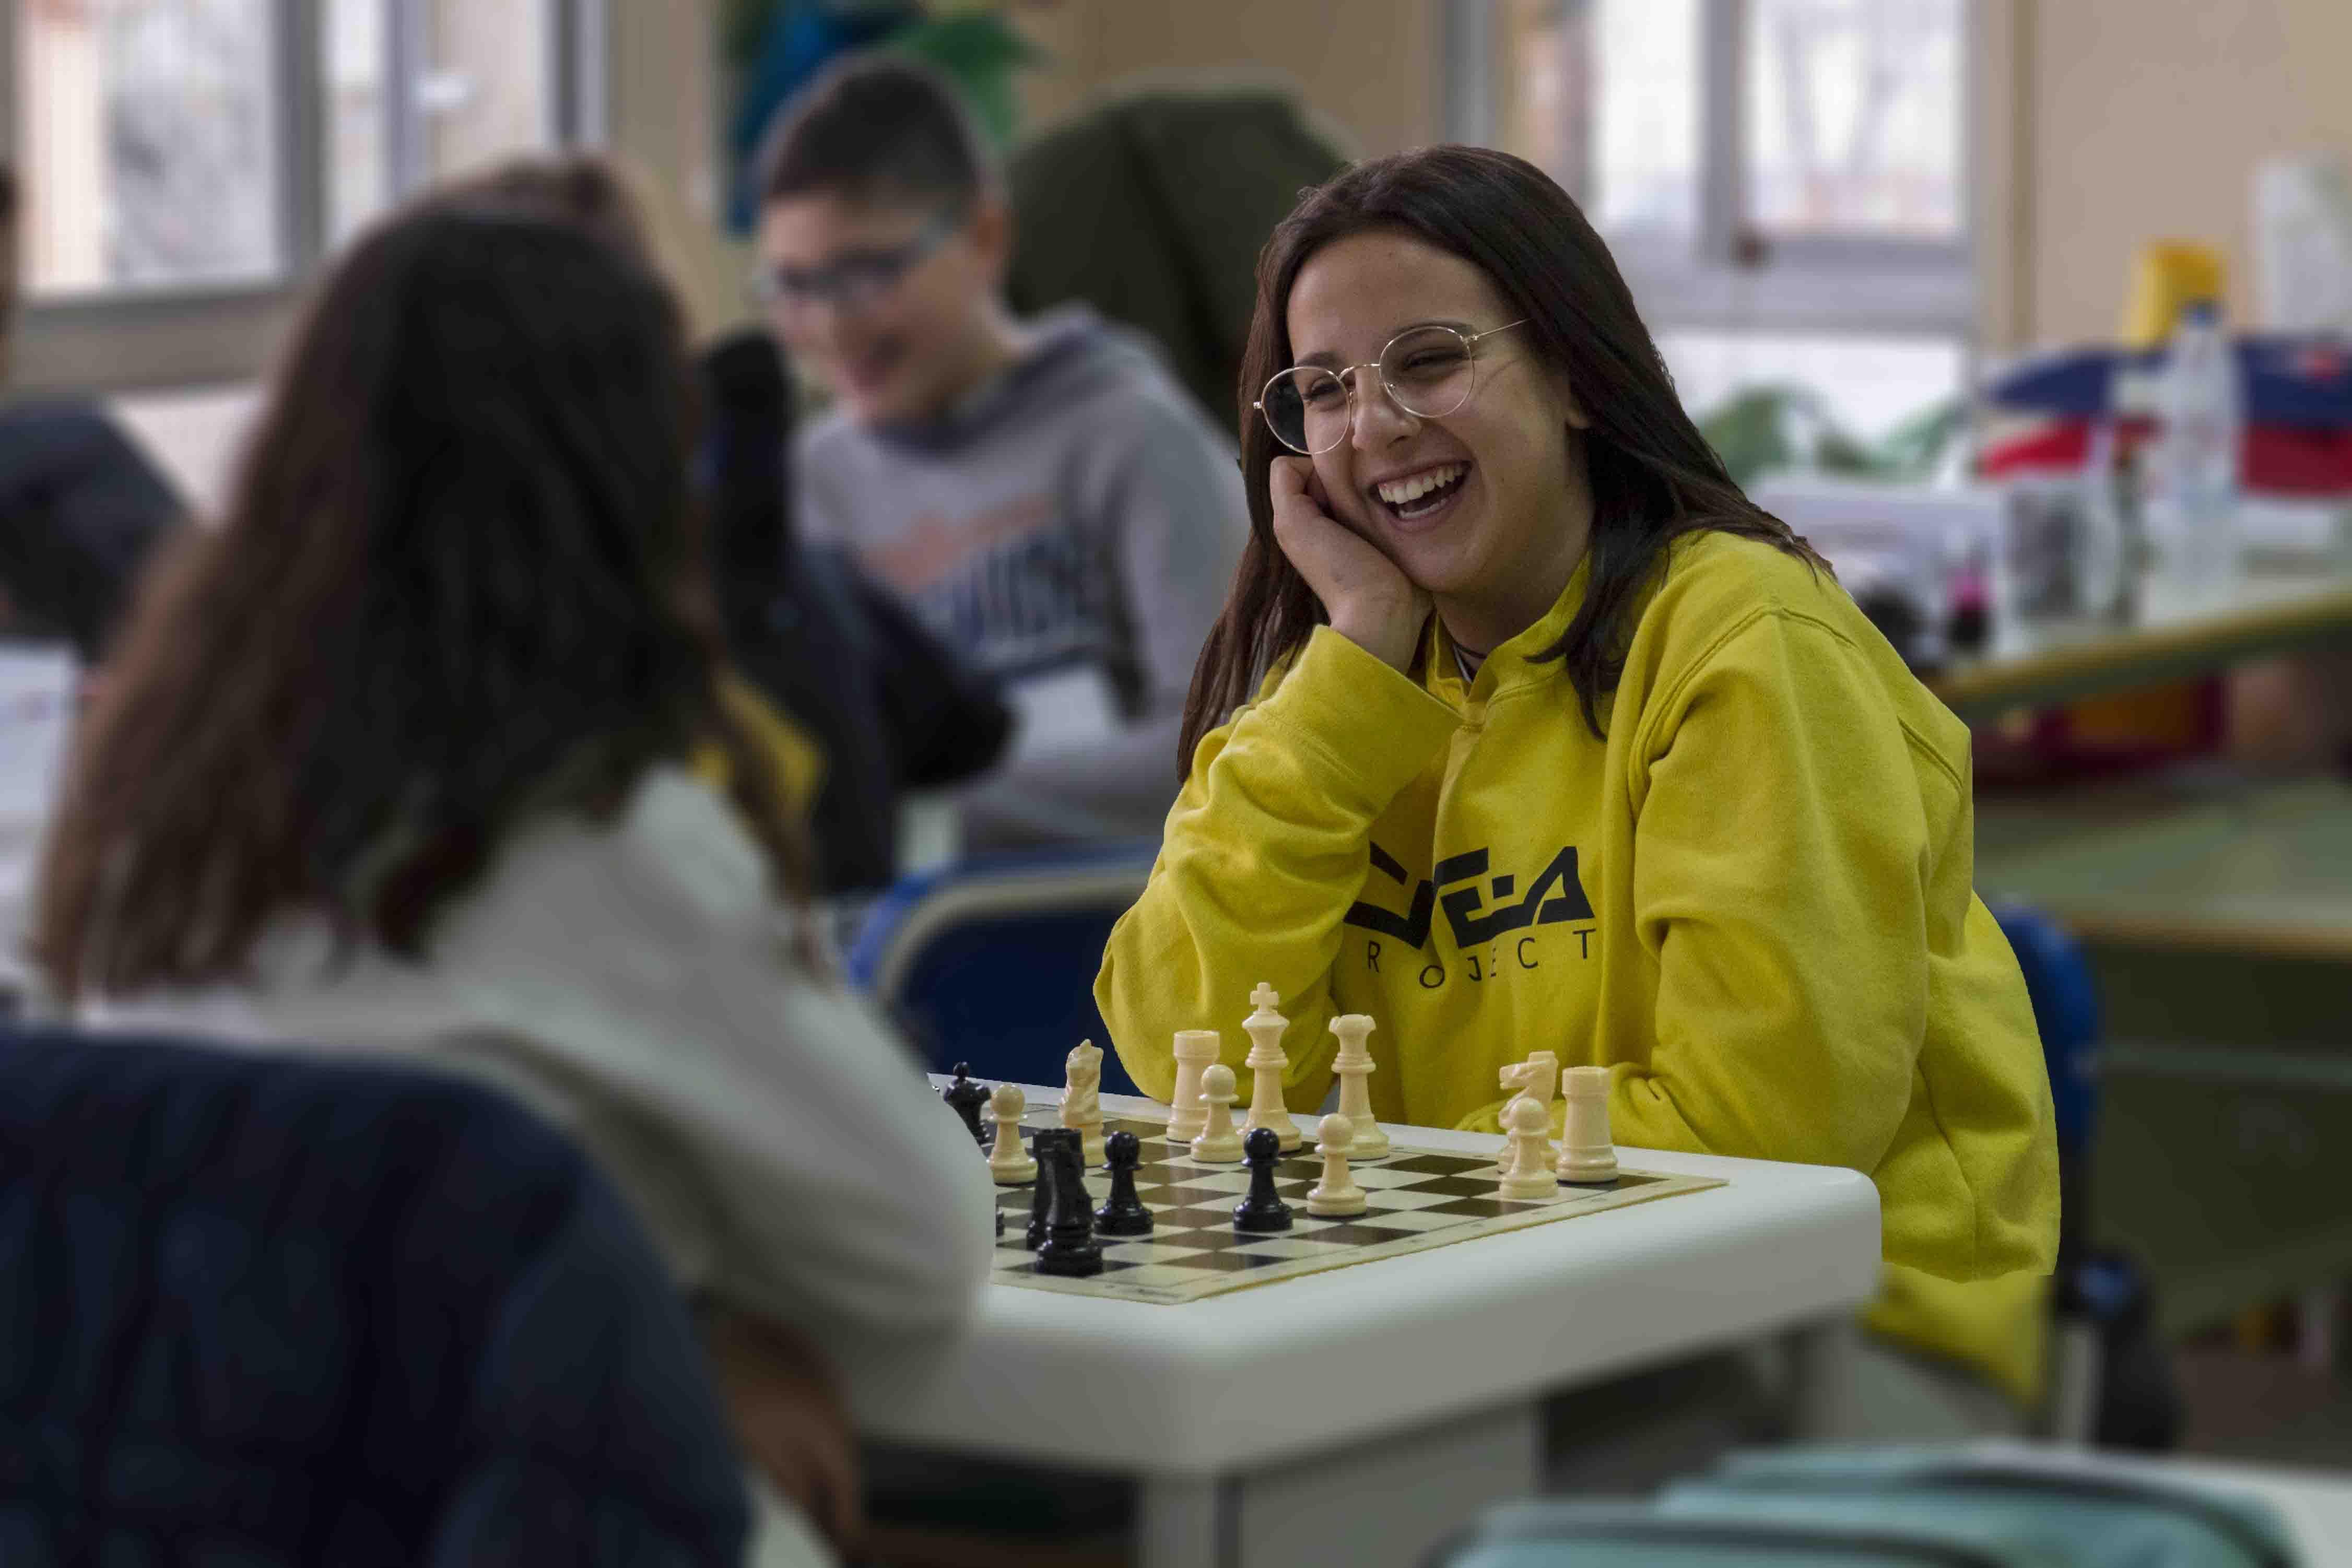 Clase de ajedrez. En primer plano se muestra a una chica sonriente, vestida con sudadera de amarillo con la mano apoyada en la cara mirando a su compañera.